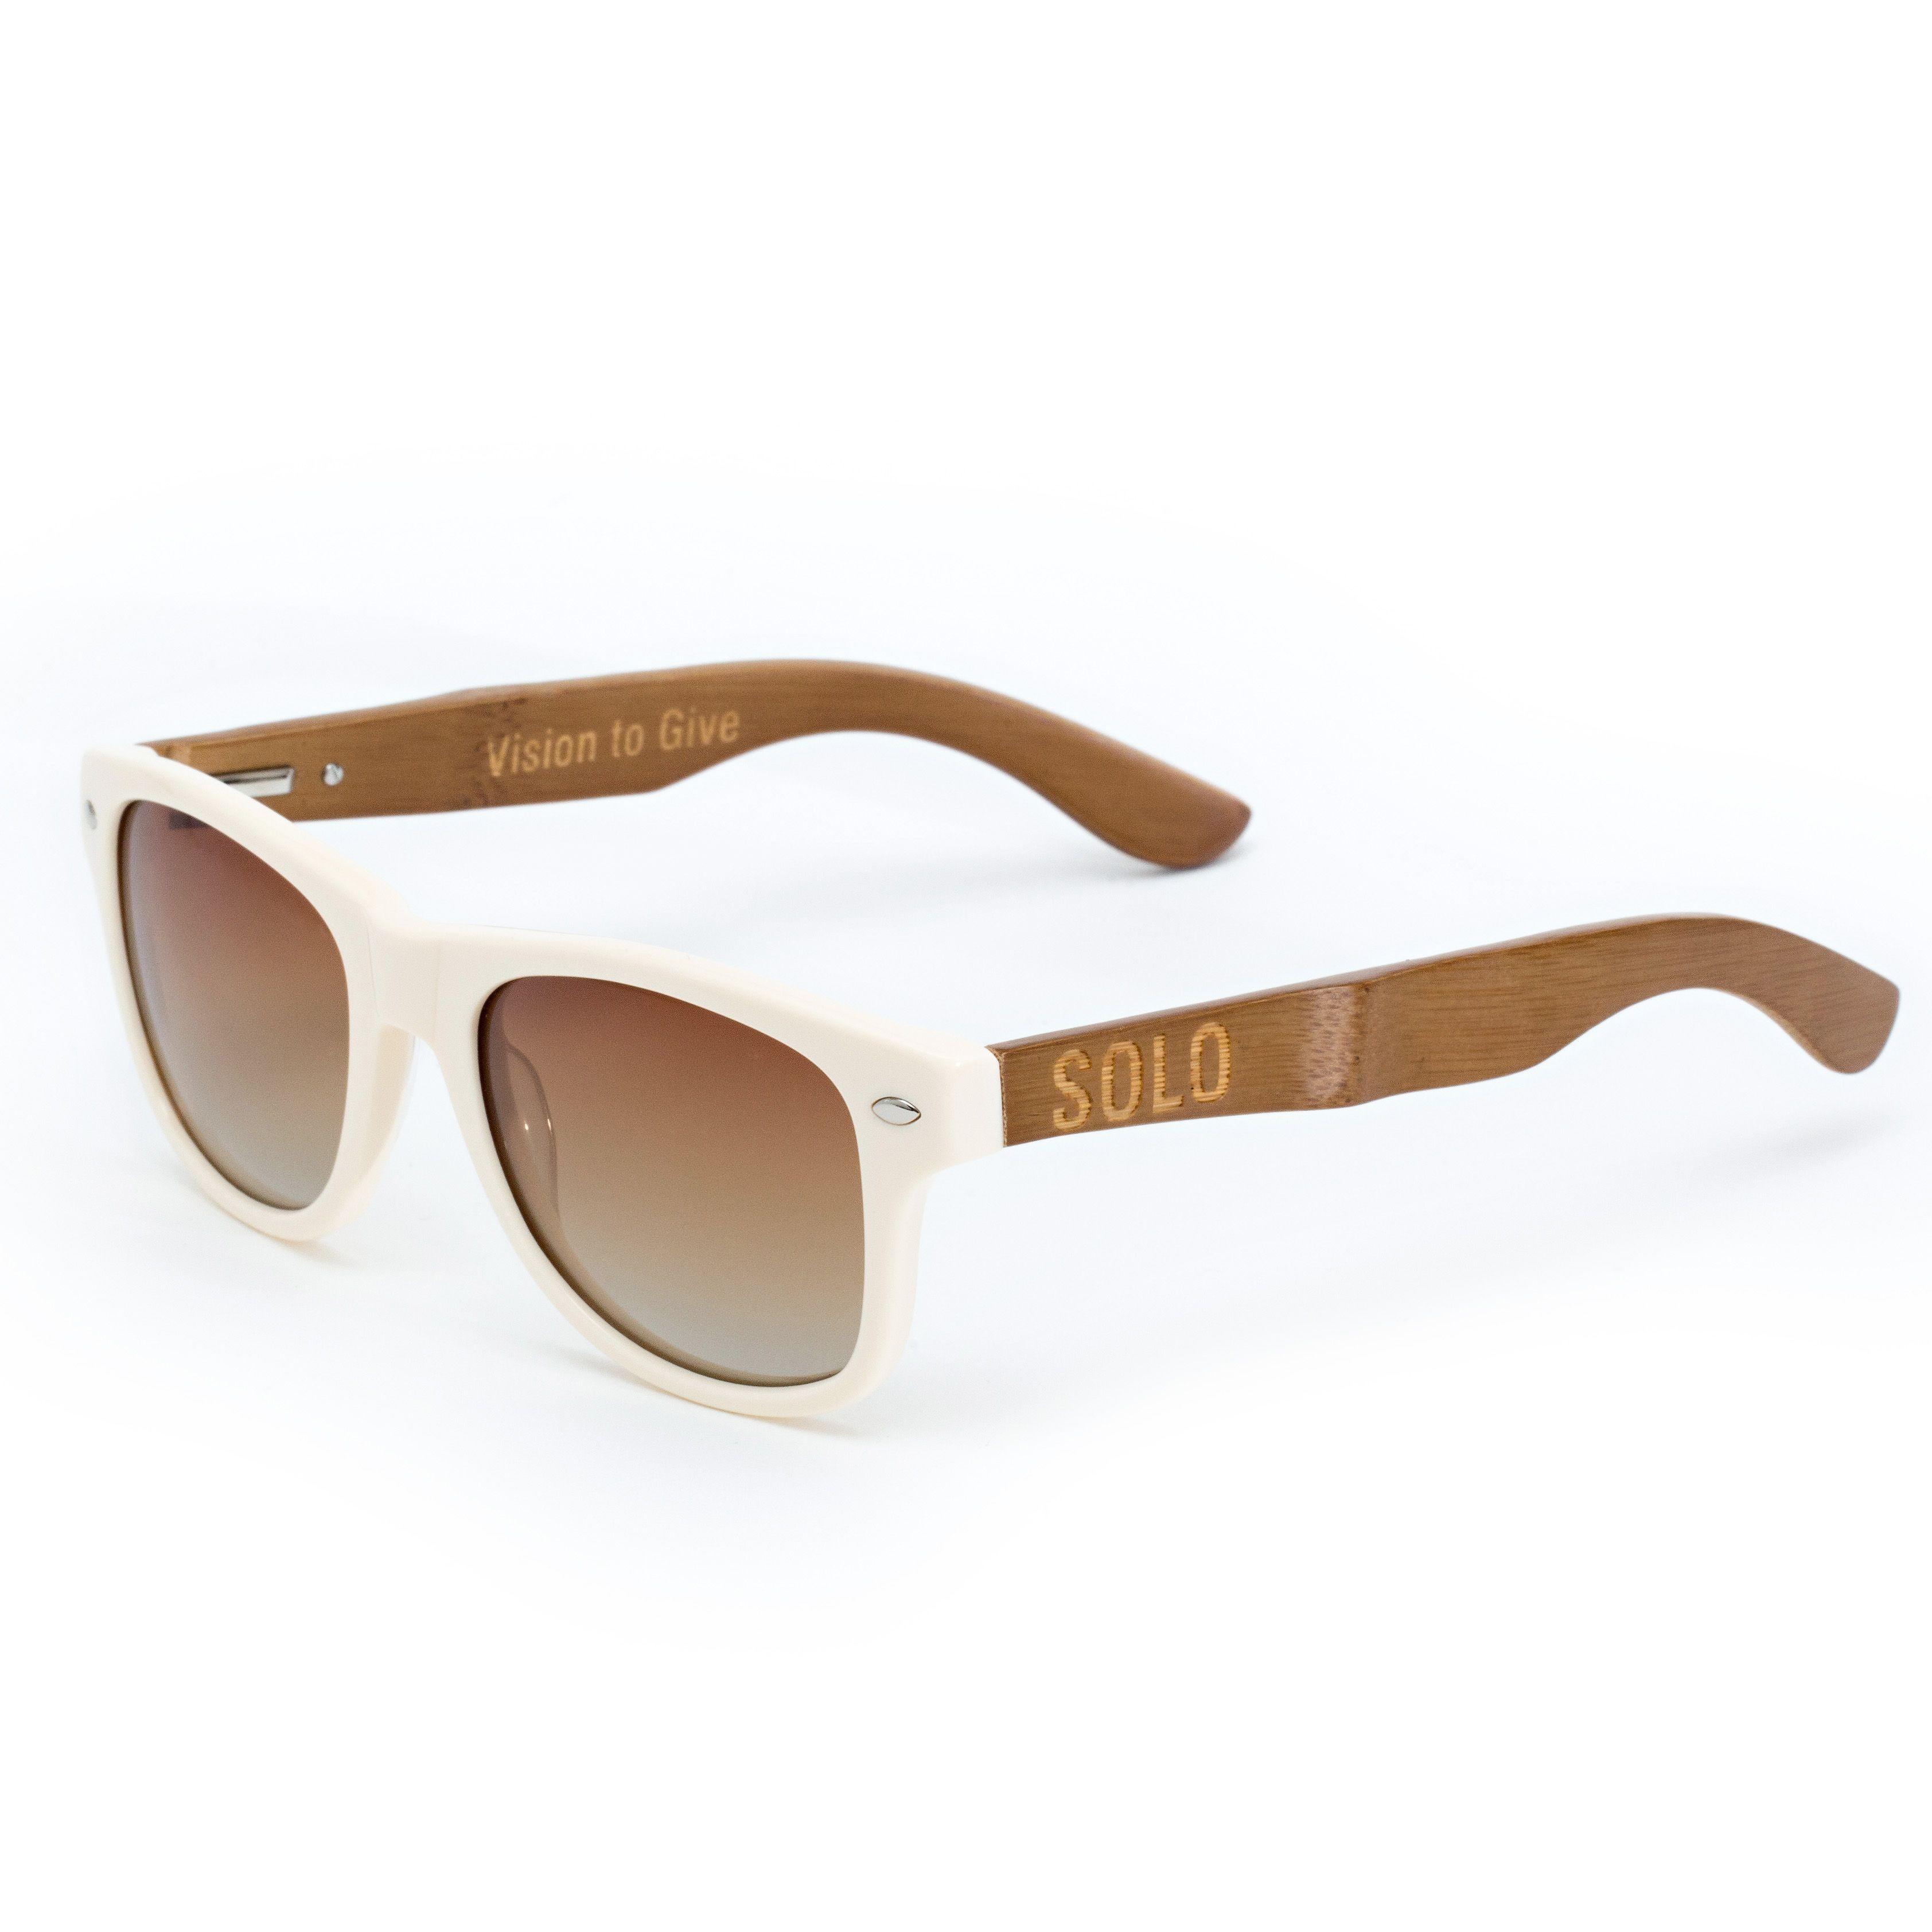 af6534afa7 Peru Noliawood Bamboo Sunglasses